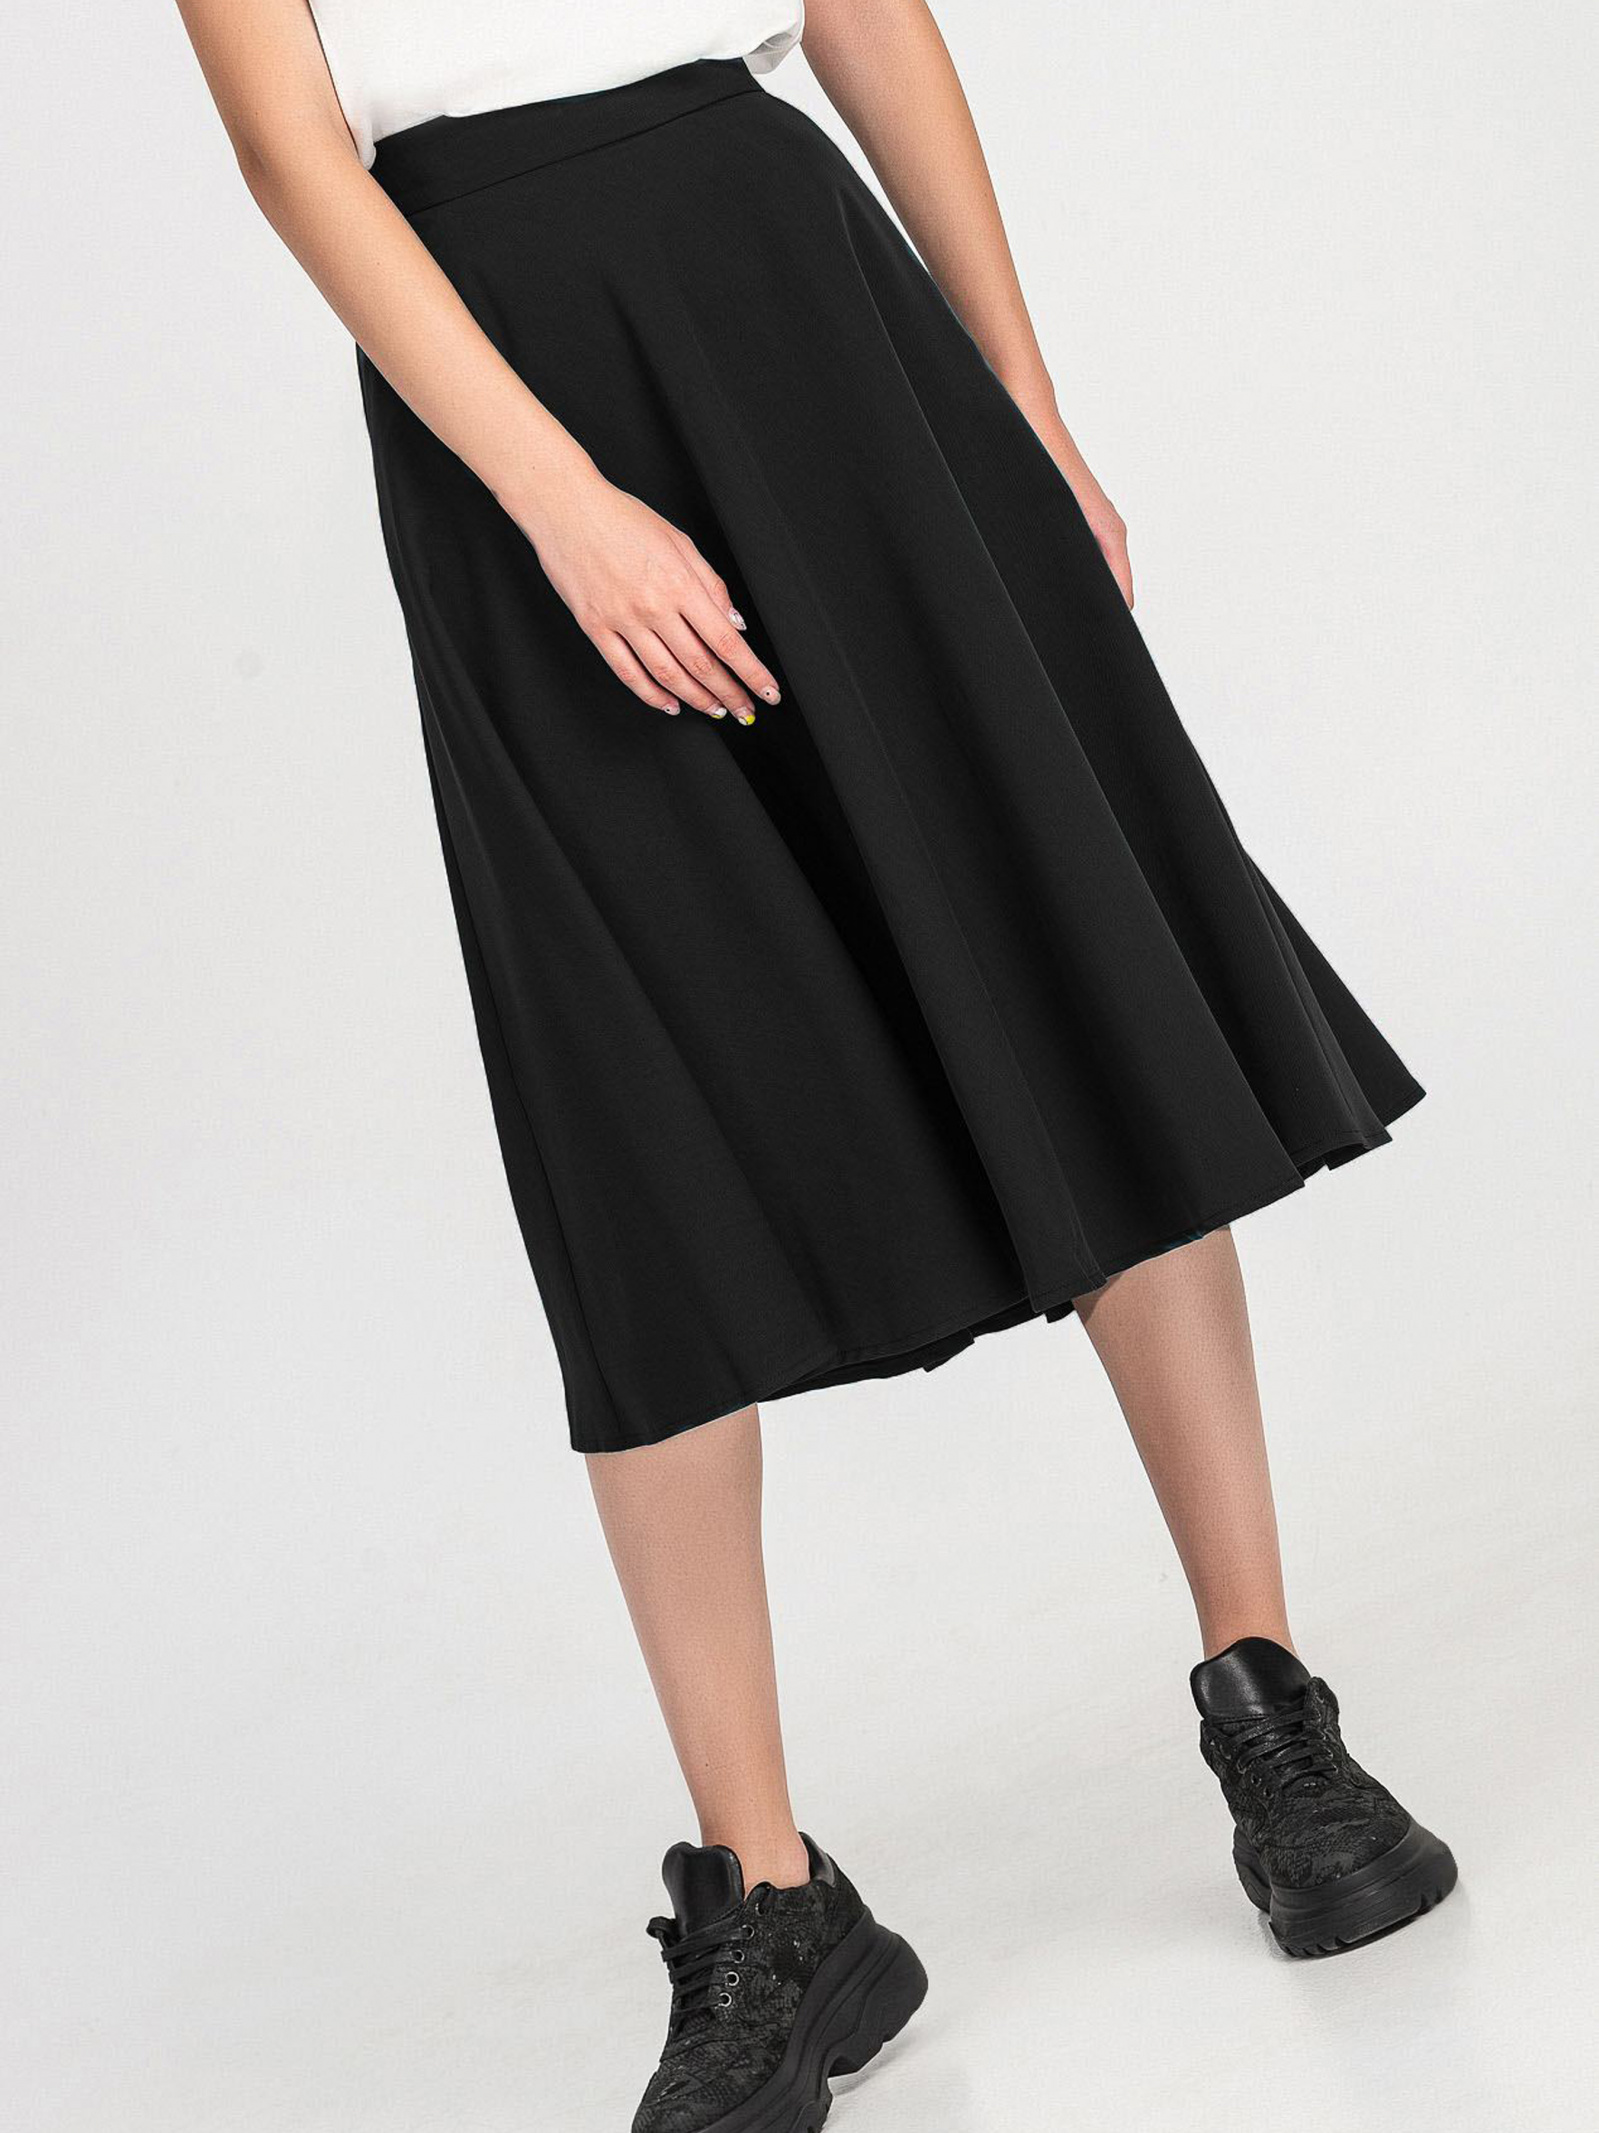 VOVK Спідниця жіночі модель 06363 чорний якість, 2017